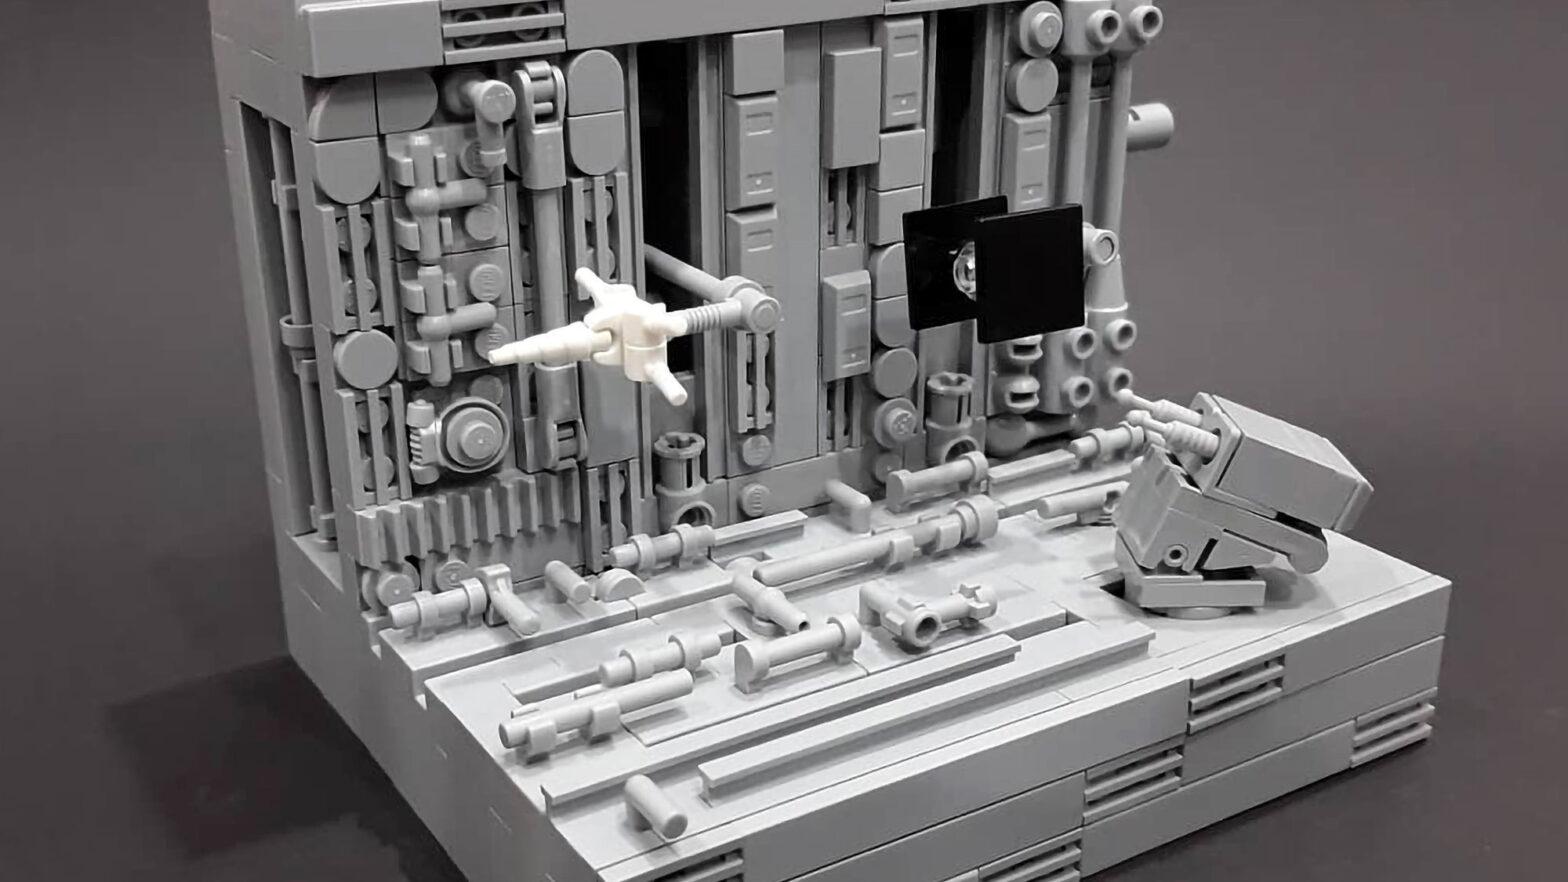 Star Wars Trench Run Mini Kinetic Sculpture